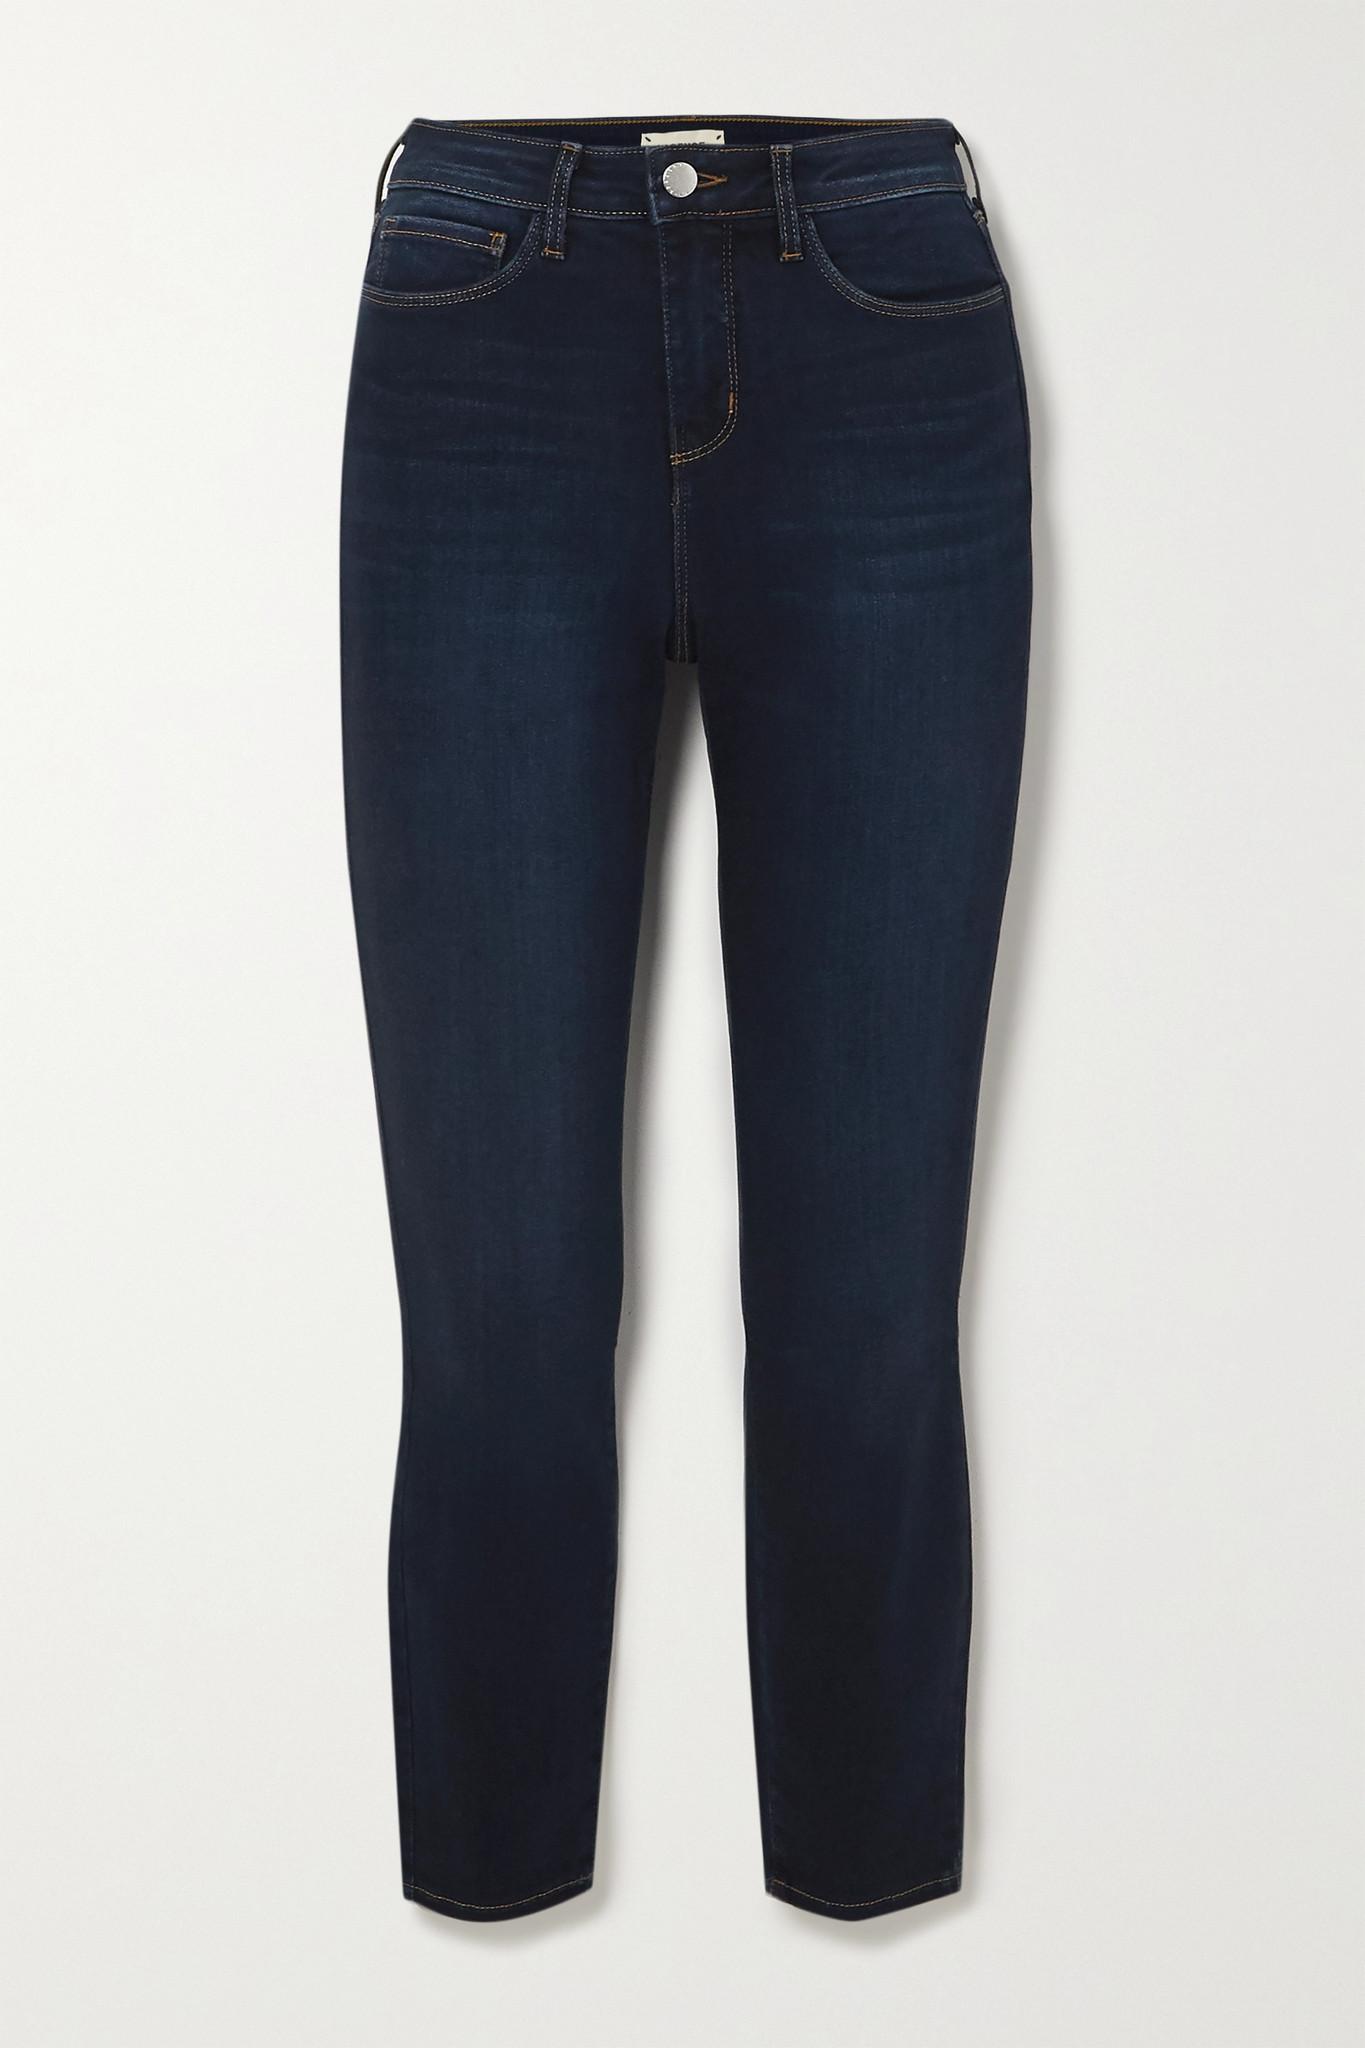 L'AGENCE - Margot 高腰紧身九分牛仔裤 - 蓝色 - 31